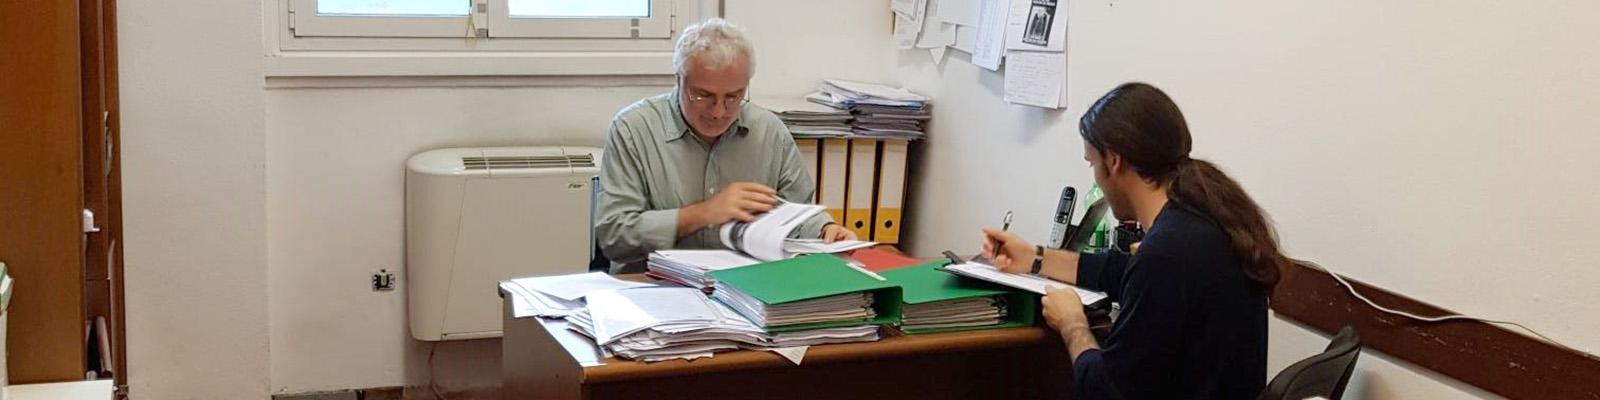 Consorzio SiR | Servizi per la Pubblica Amministrazione: Lavoro